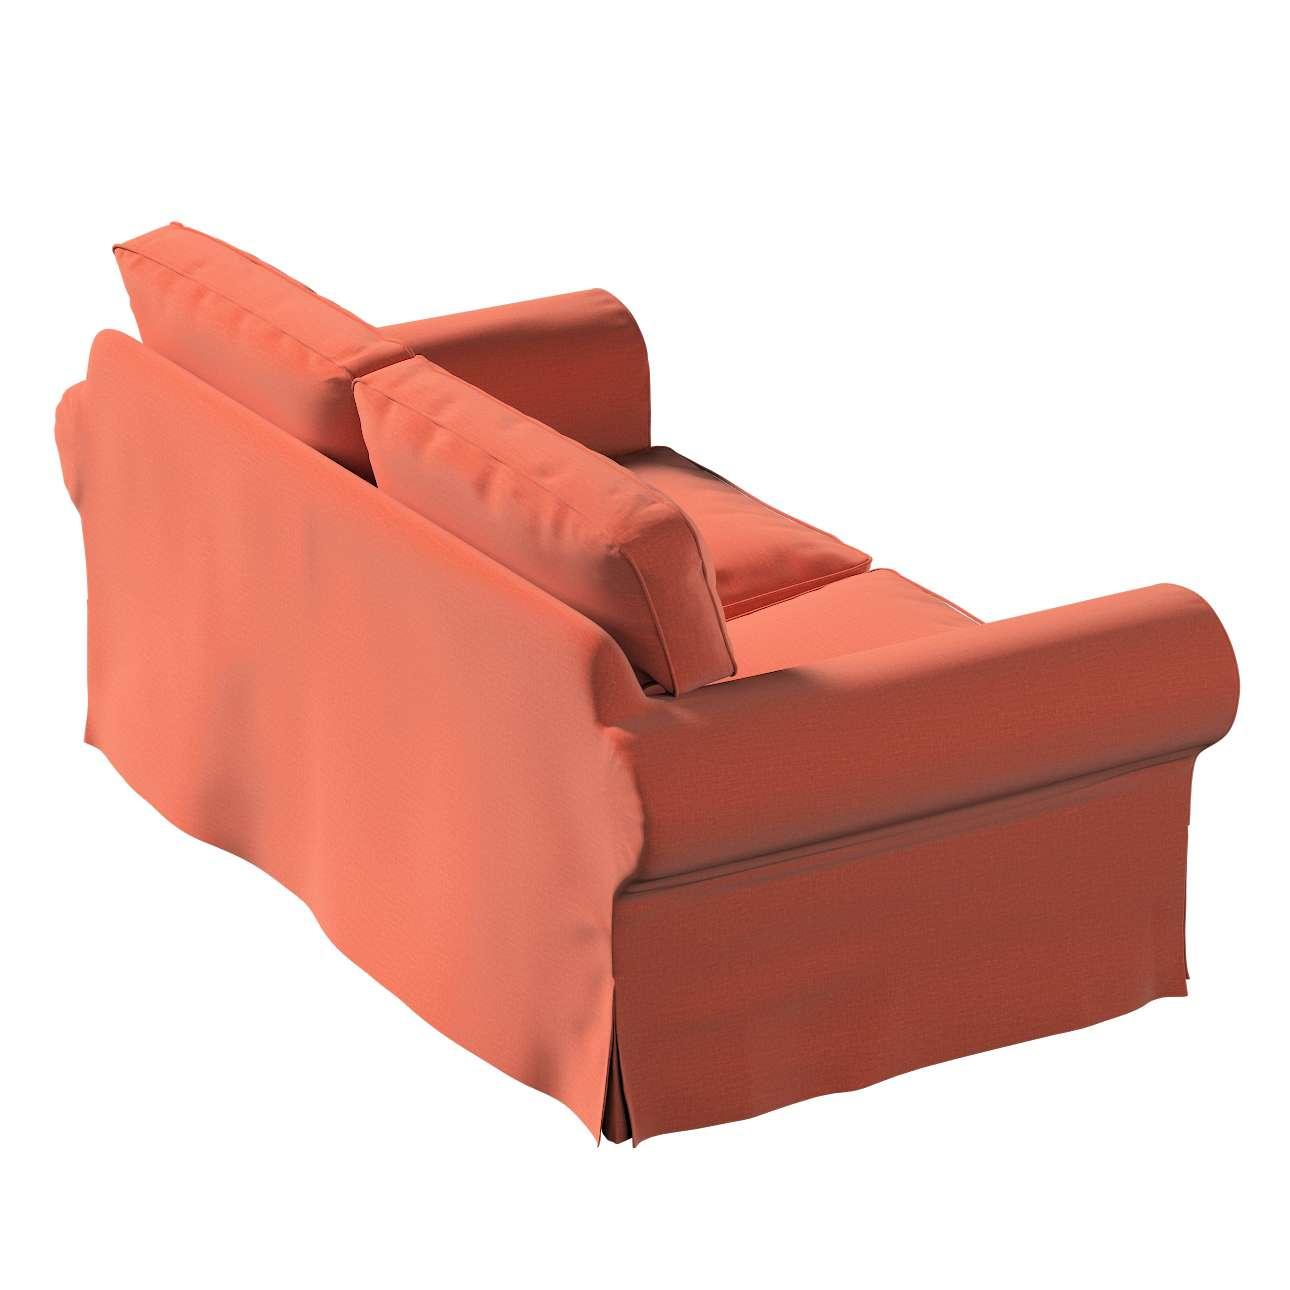 Pokrowiec na sofę Ektorp 2-osobową rozkładaną, model po 2012 w kolekcji Ingrid, tkanina: 705-37